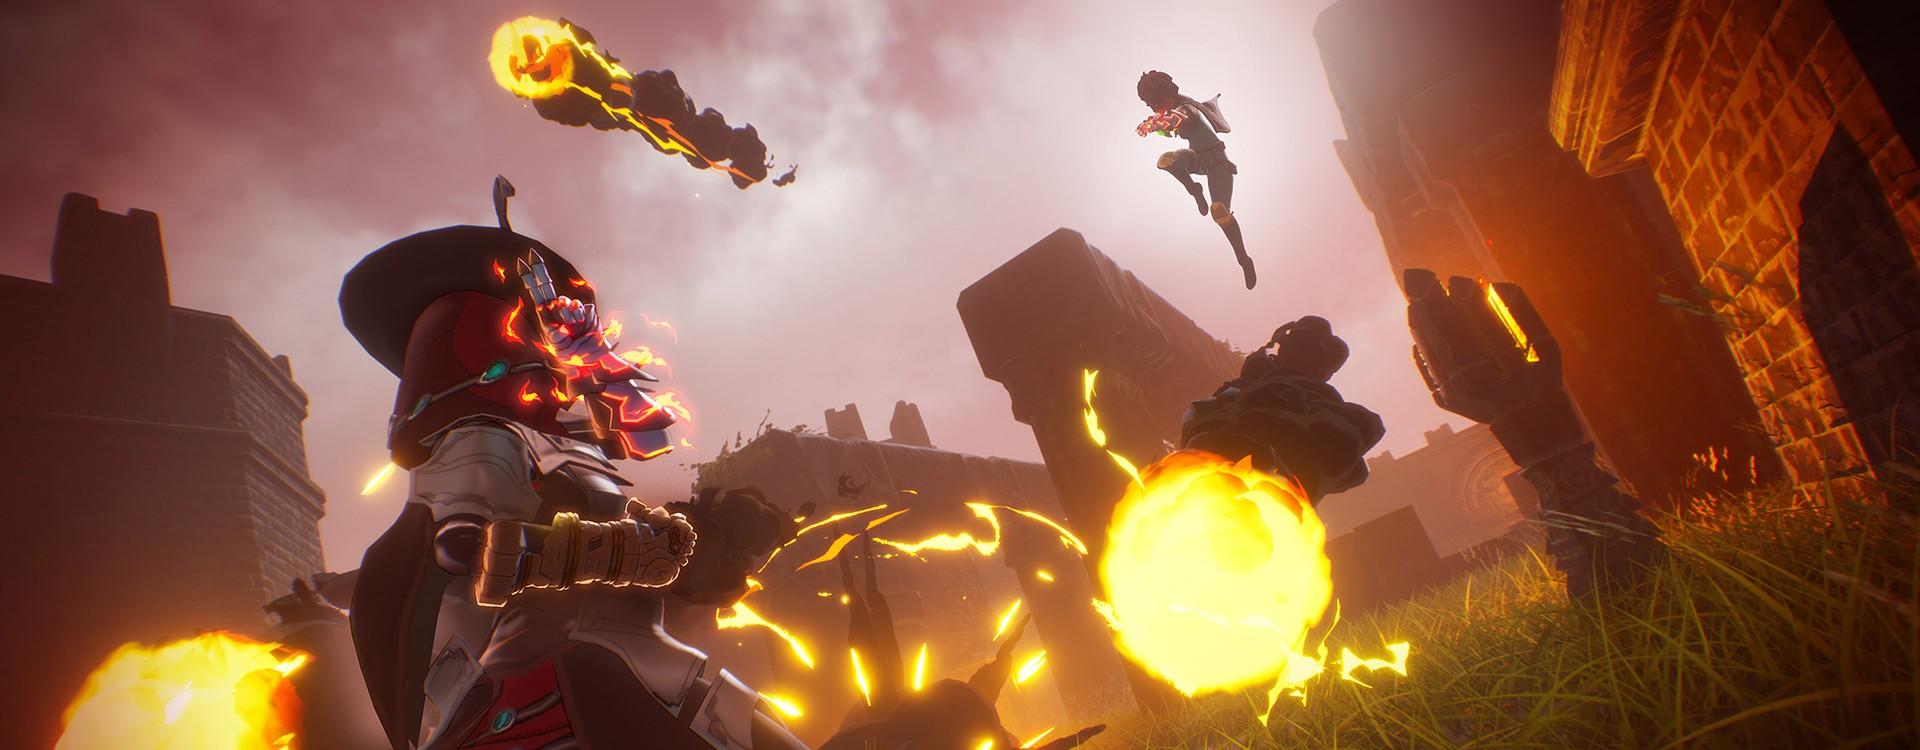 Heute kommt ein neues Fantasy-Game à la Fortnite für PS4 – So startest du es